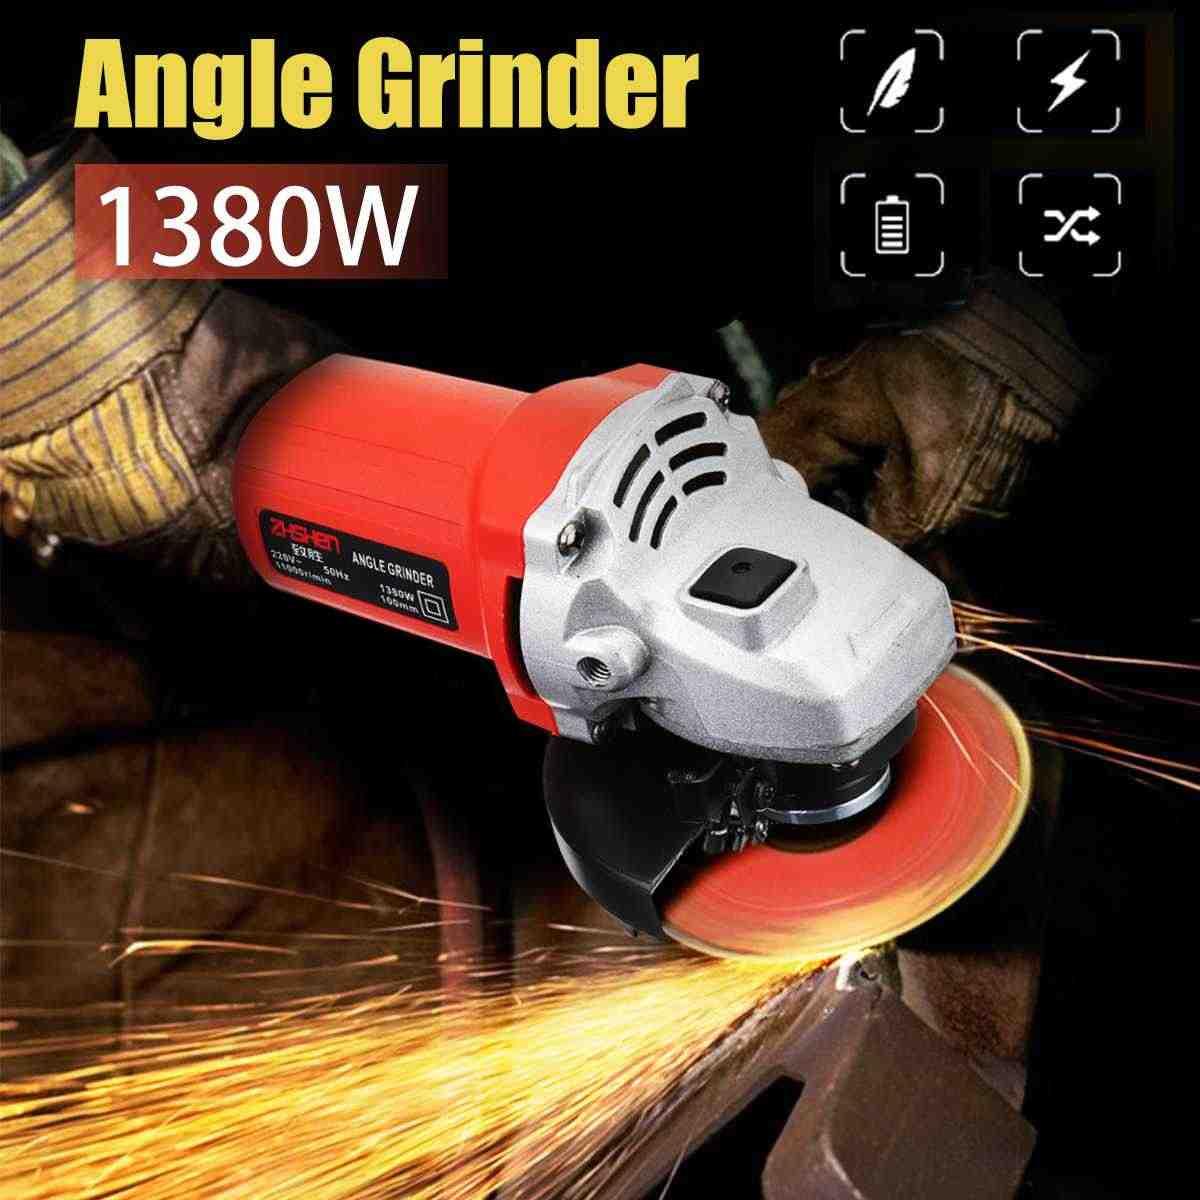 220 В/50 Гц 1380 Вт 11000р/мин угловая шлифовальная машина Электрический угол шлифовальный Металл для резки и шлифовки древесины мощность тоже